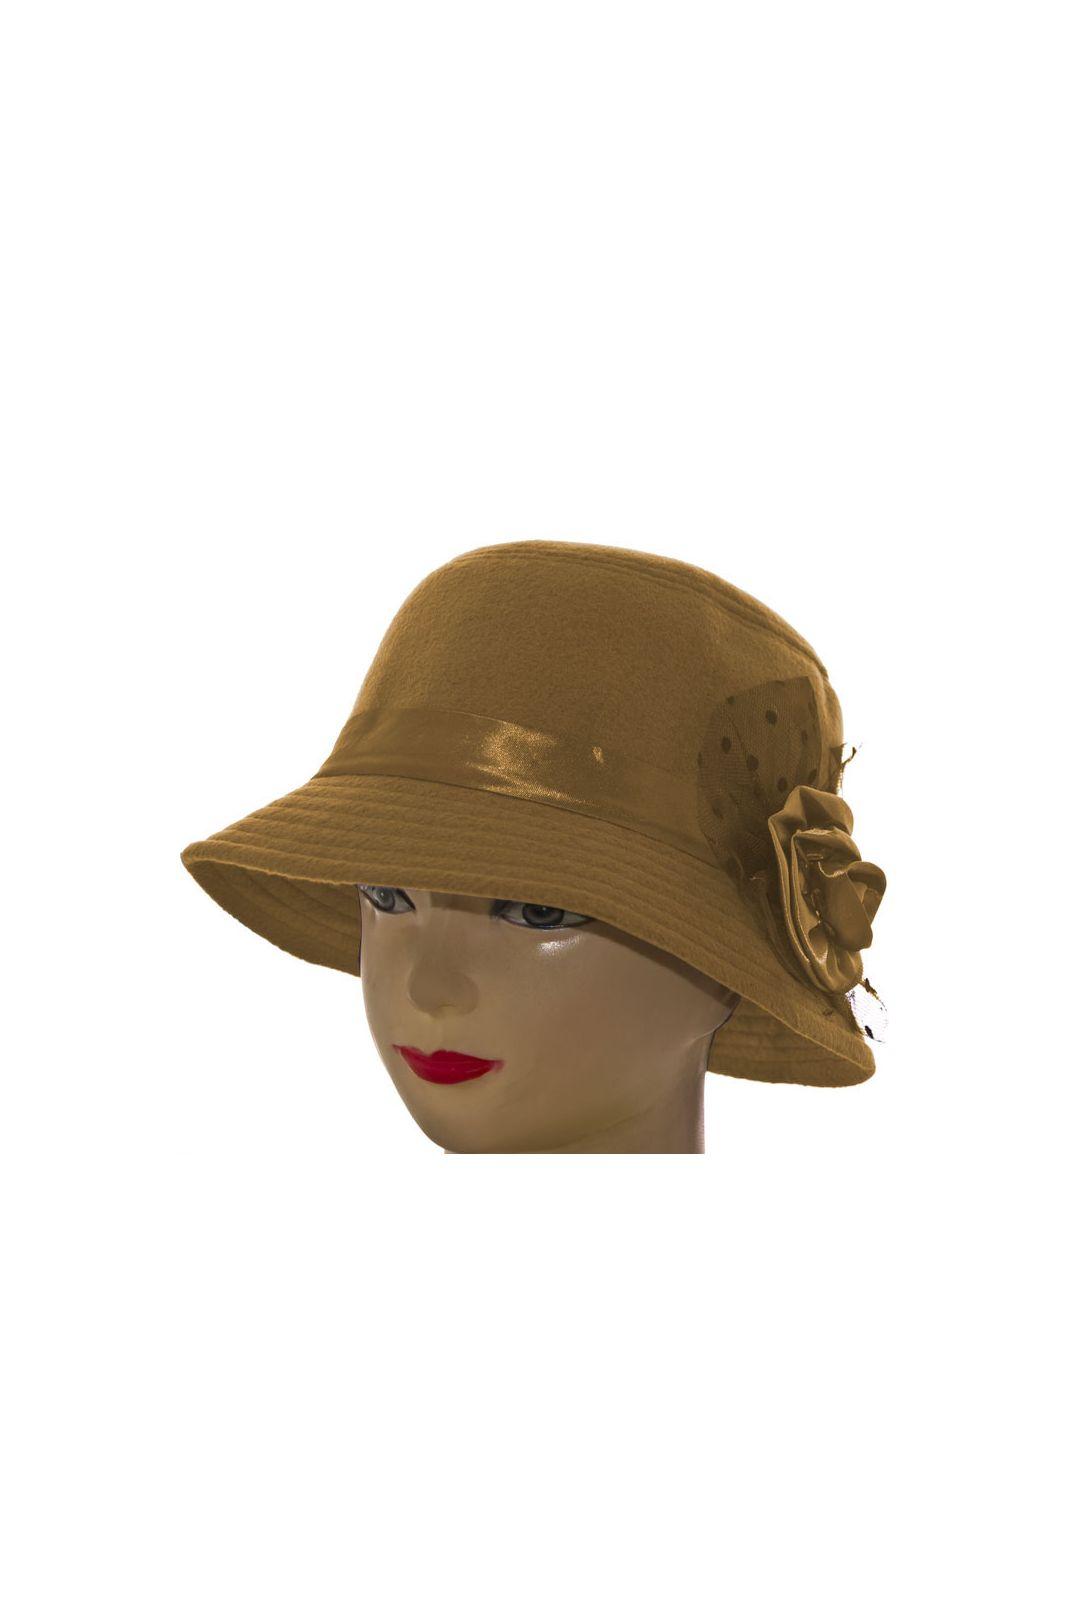 Шляпа Фетровая Женская Купить В Москве